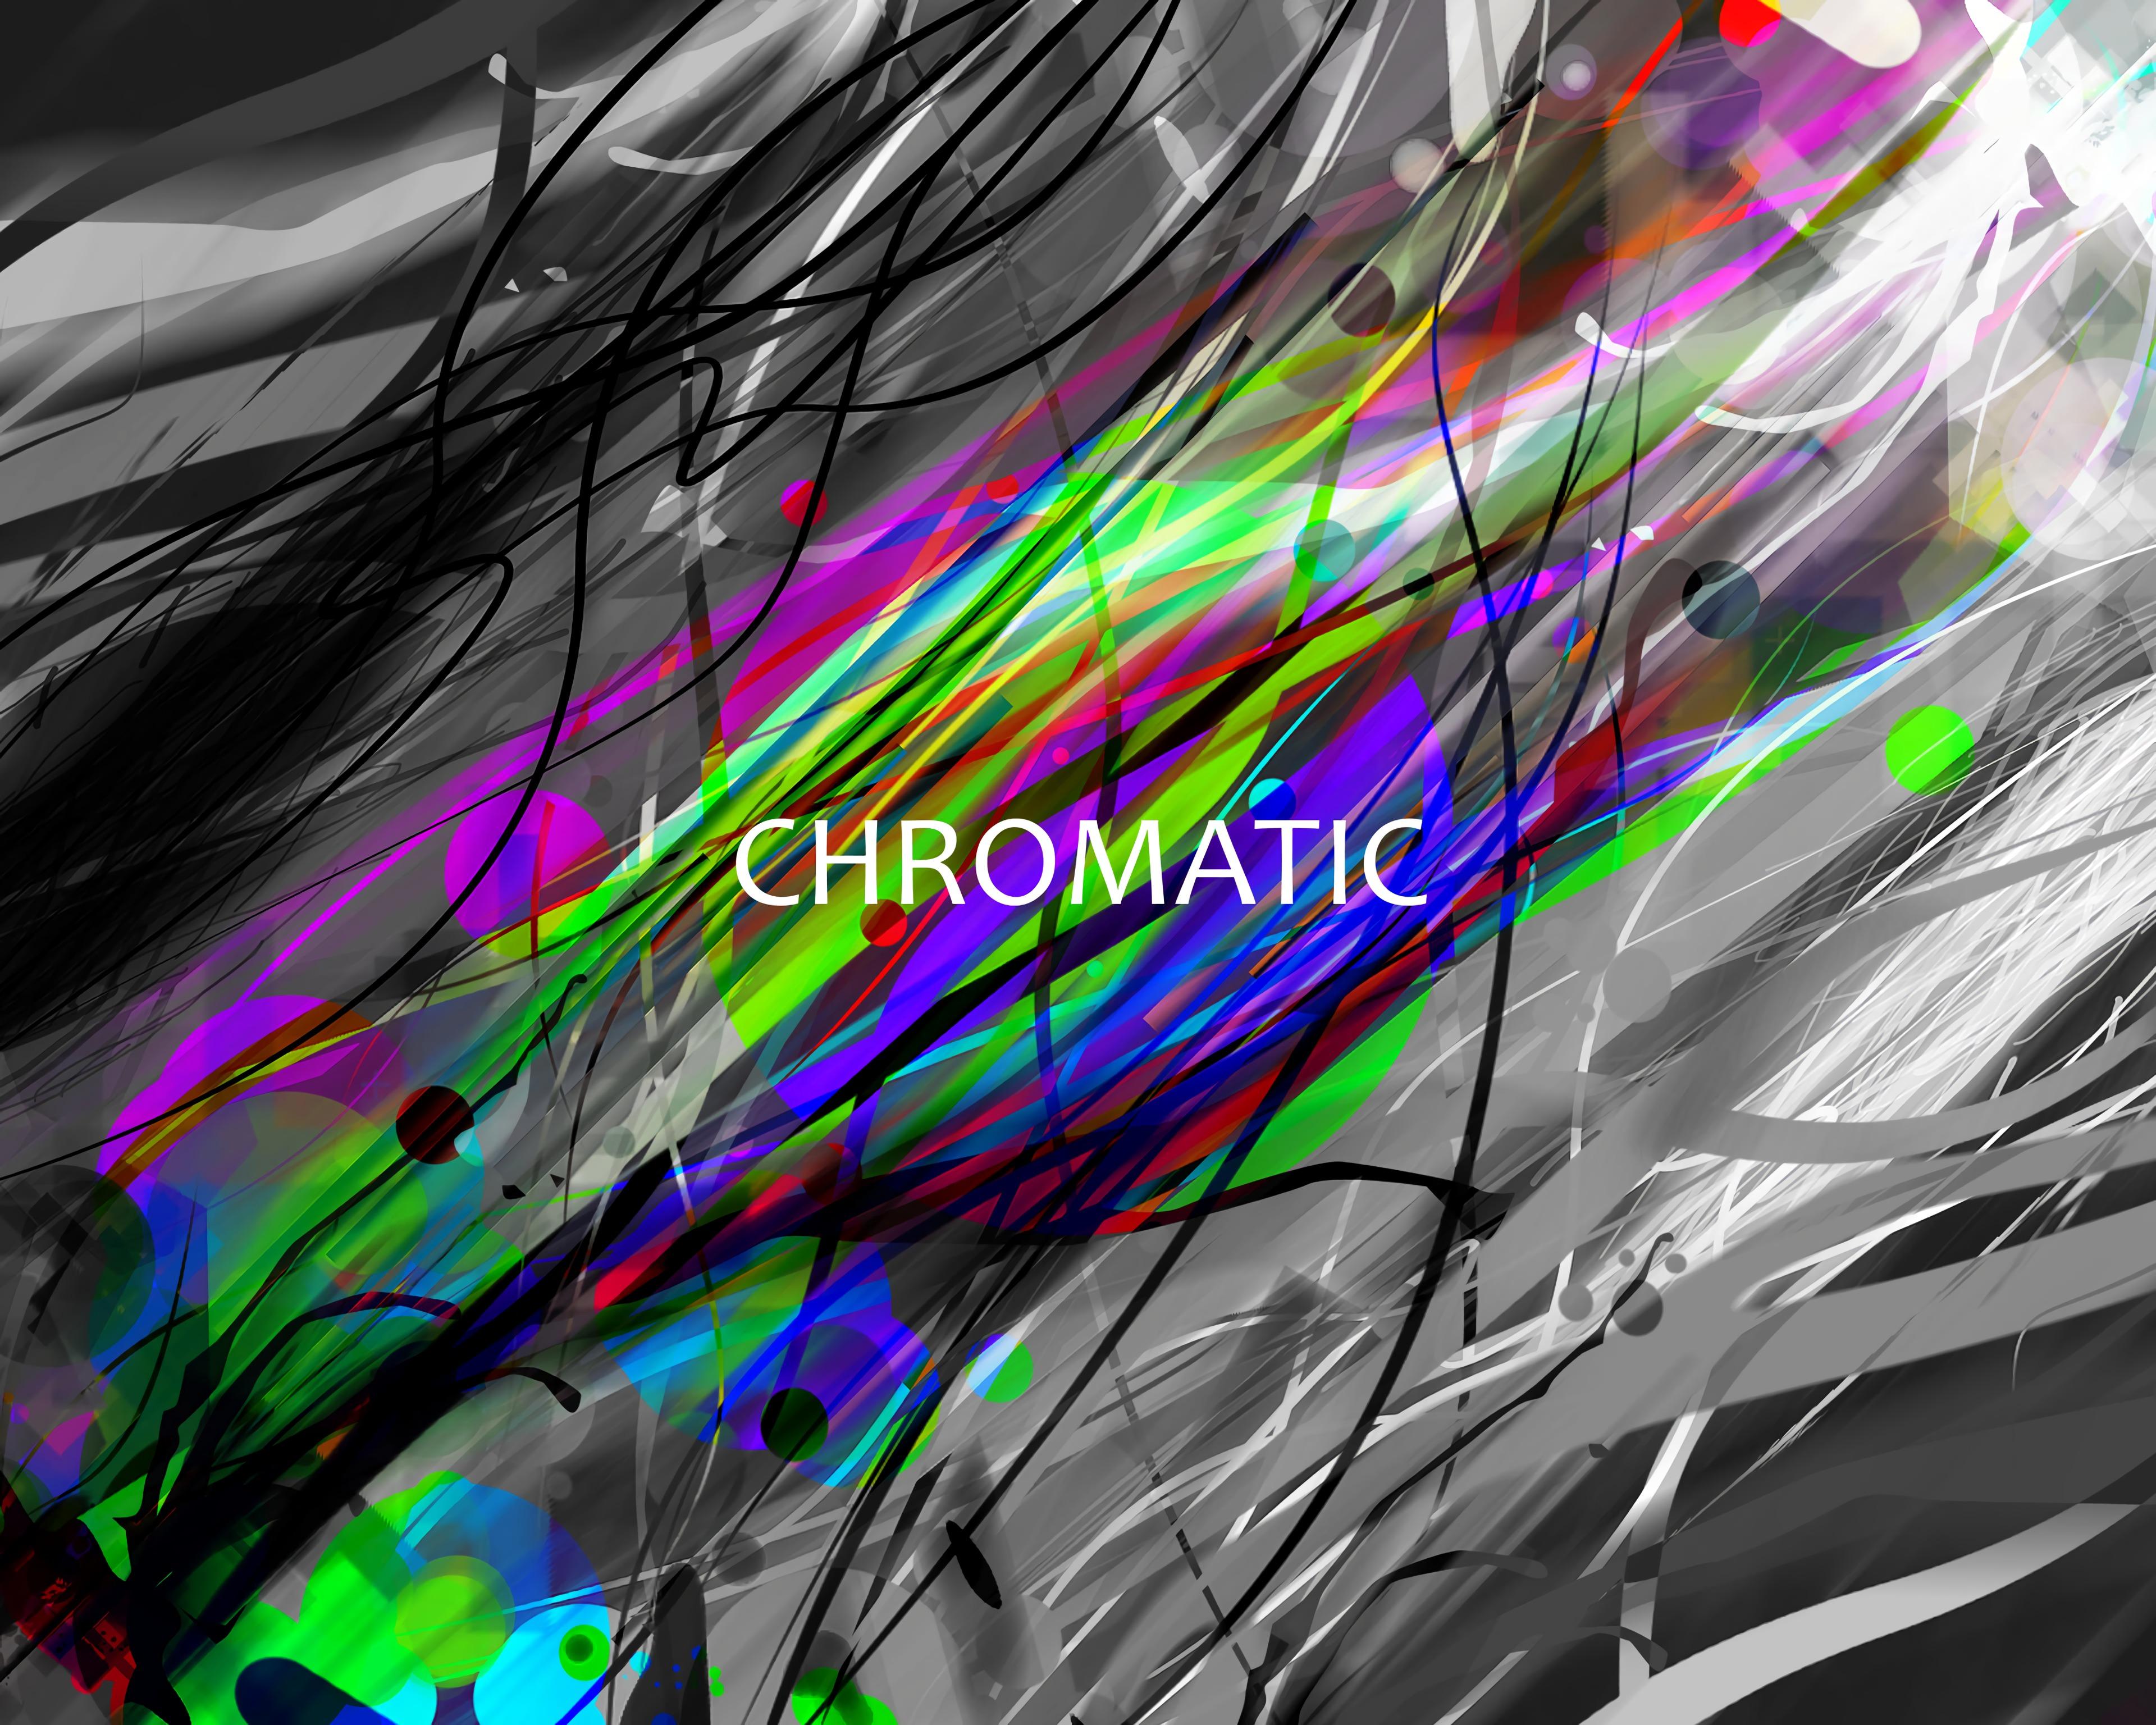 120686 Hintergrundbild herunterladen Die Wörter, Wörter, Linien, Farbe, Inschrift, Farbige - Bildschirmschoner und Bilder kostenlos